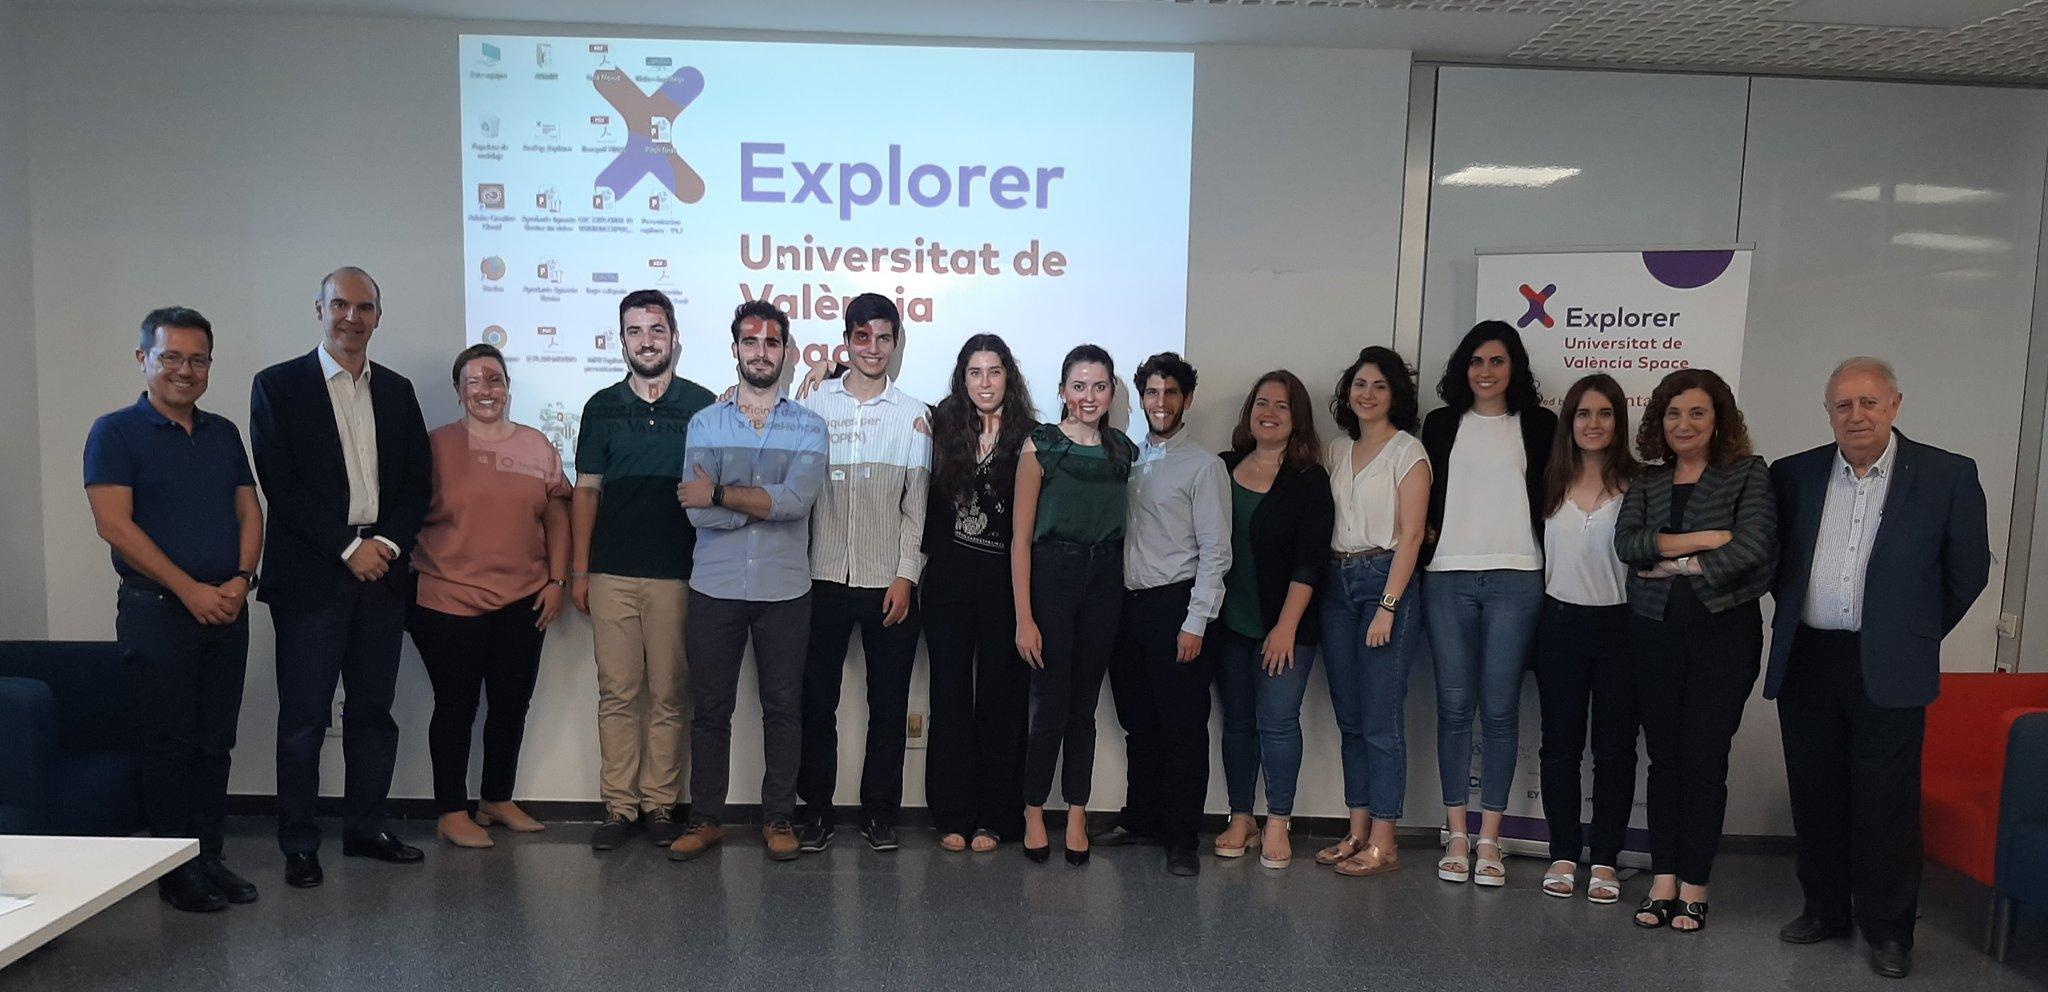 2019 Explorer Comisión de Valoración de Proyectos - imatge 0